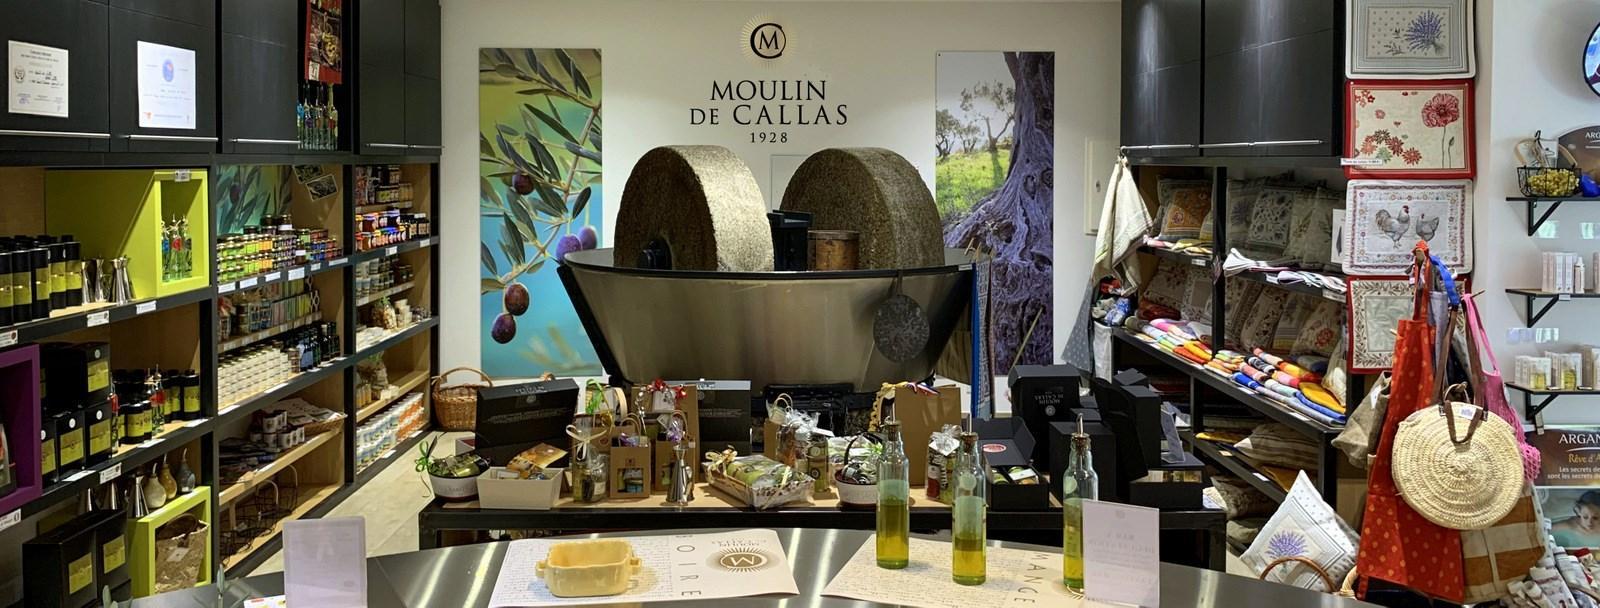 Moulin huile olives de callas proche gites du moulin avec spa